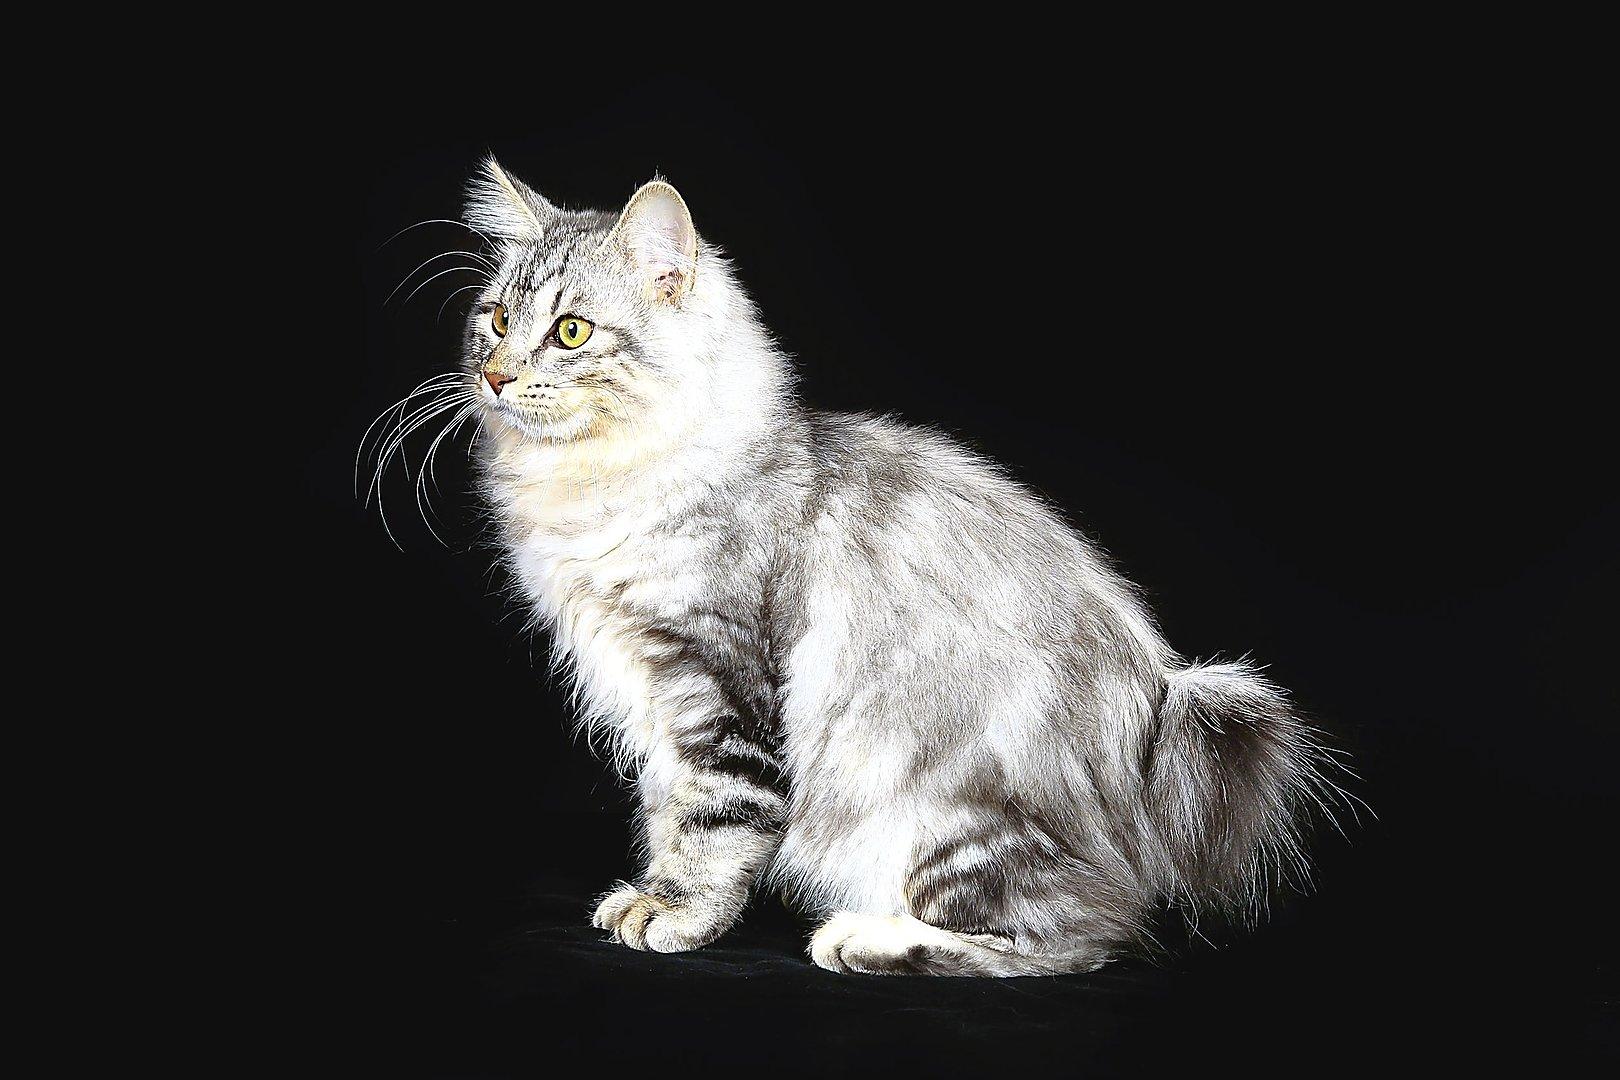 Keistos ir retos kačių veislės, kurių matyti dar neteko ...